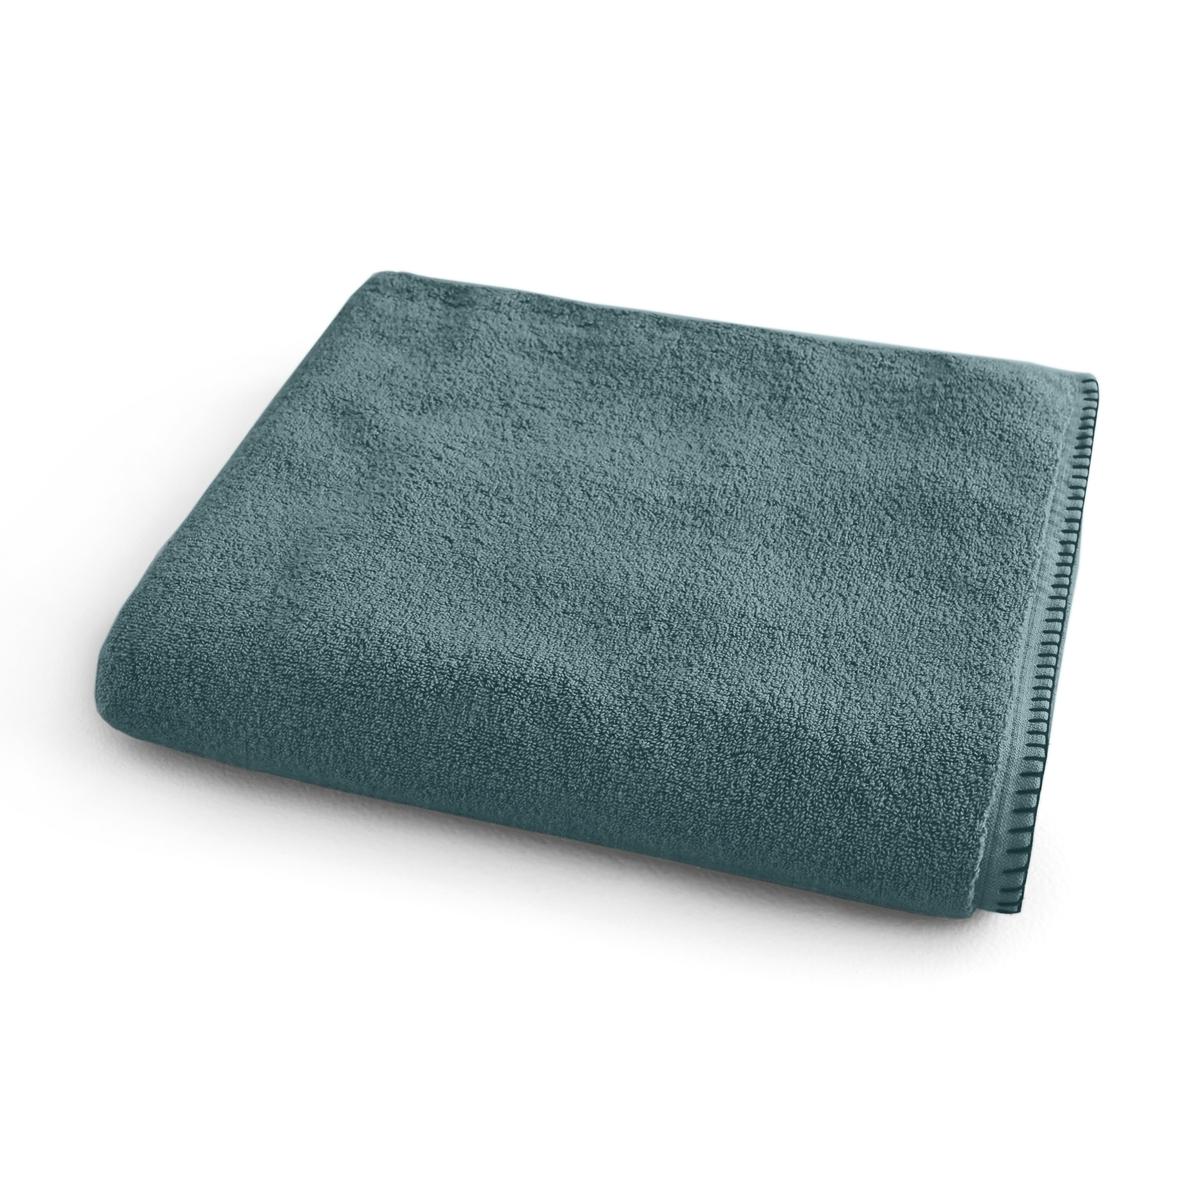 Банное полотенце Kyla [супермаркет] джингдонг санли ab издание хлопок жаккард банное полотенце мужчин и женщин того же пункта 70 × 140см rose red